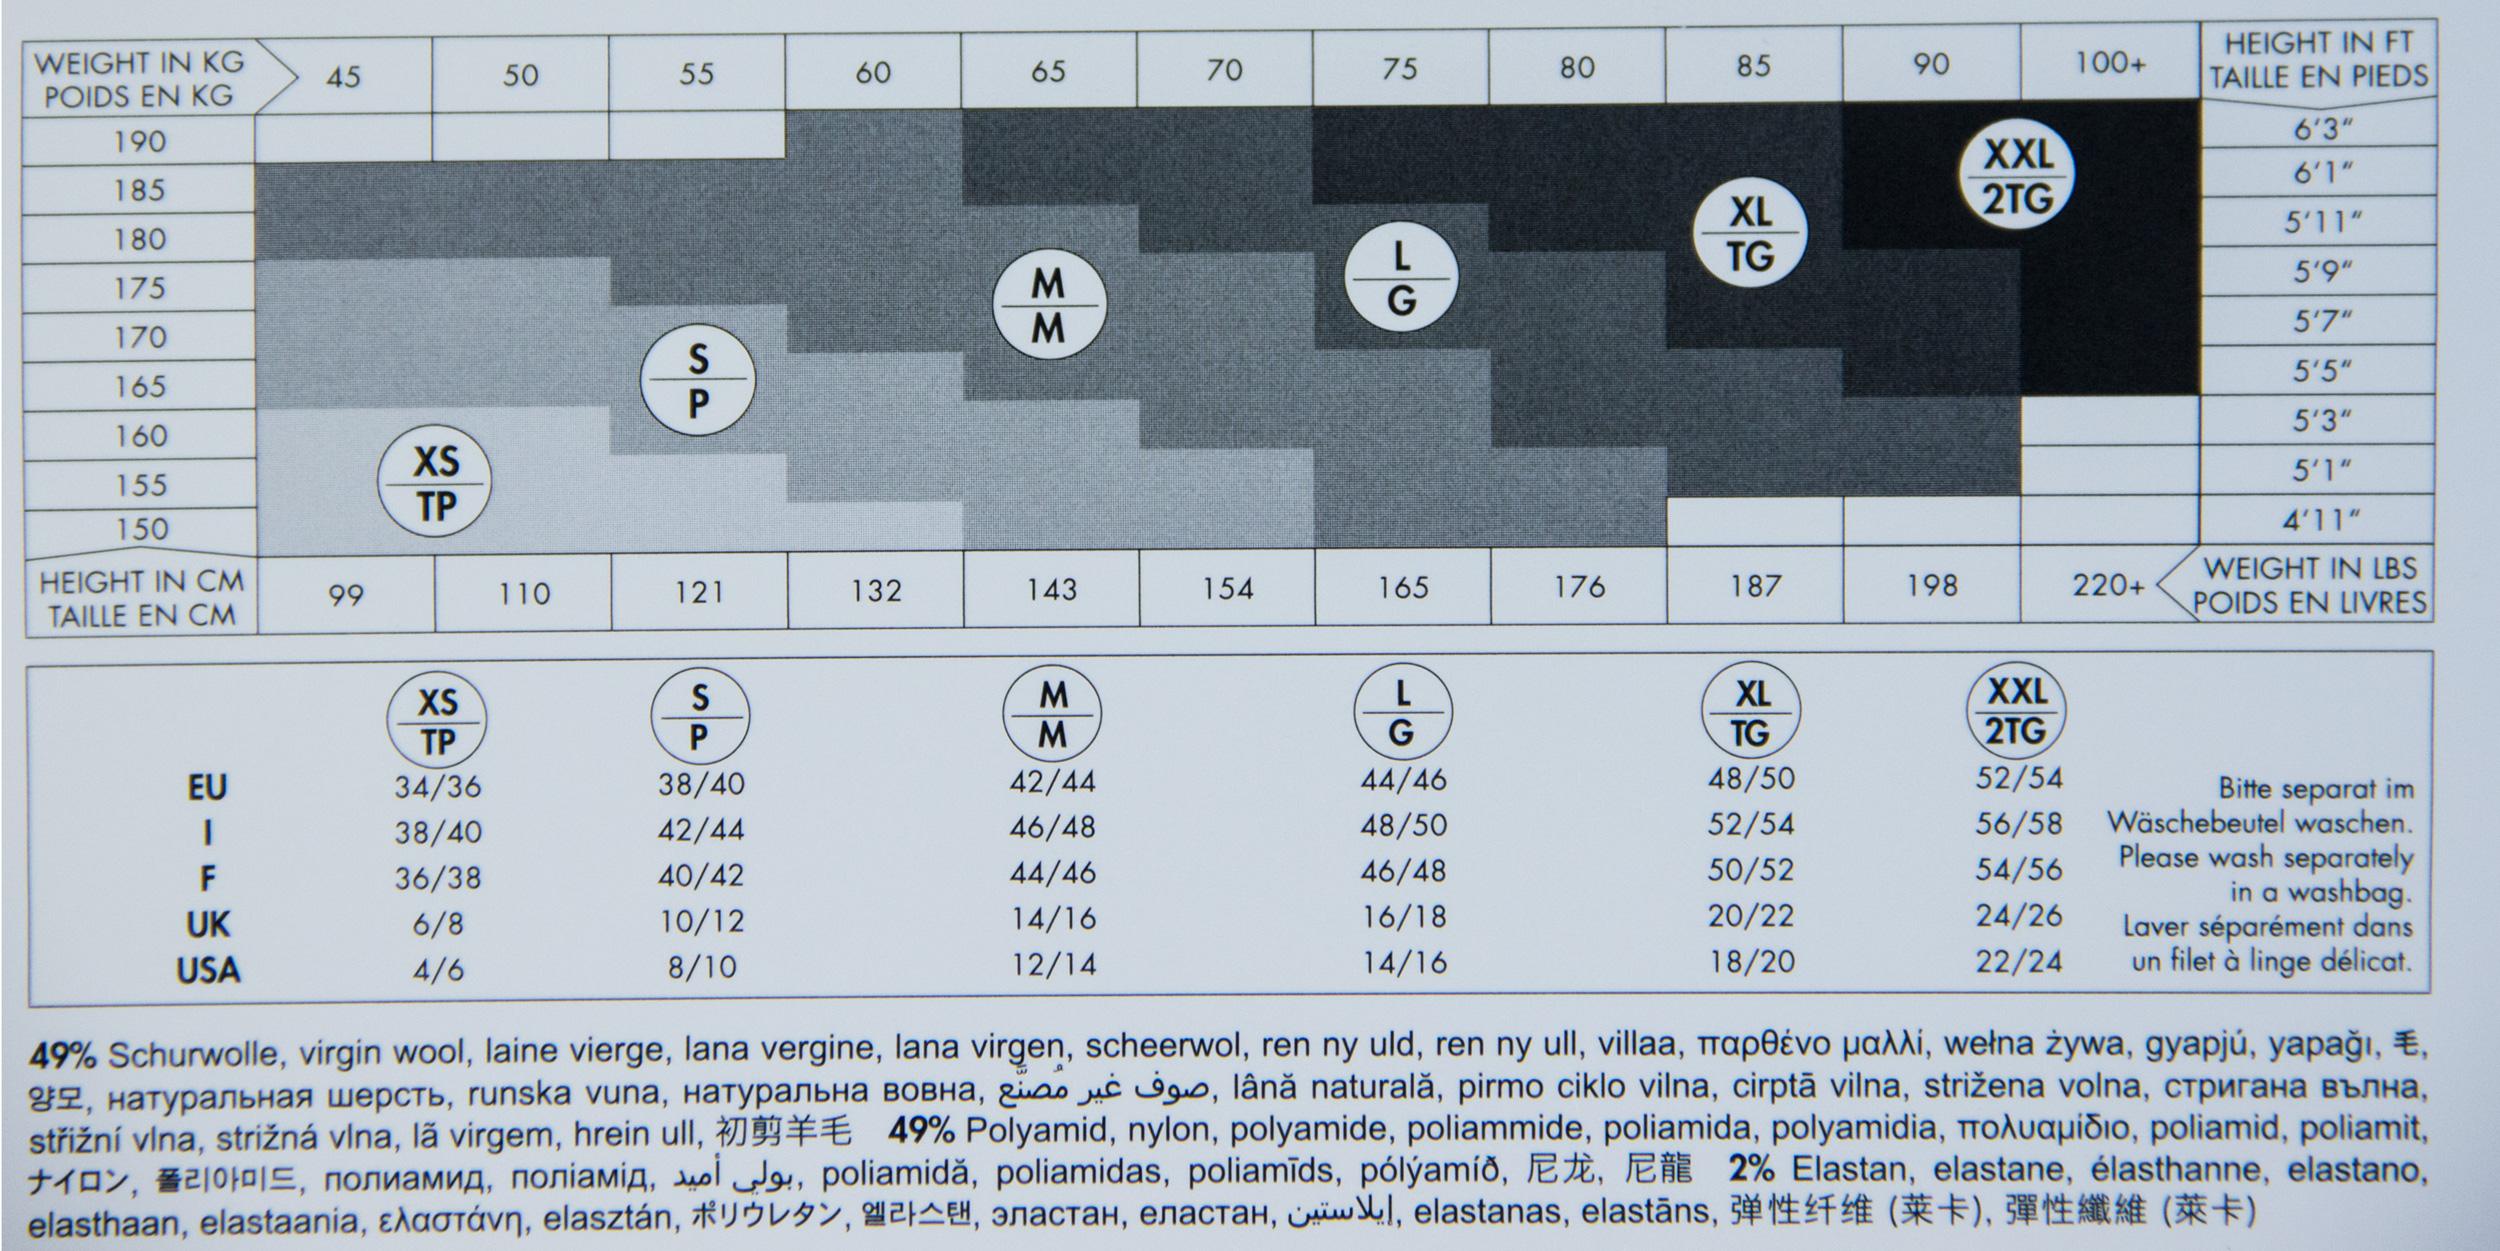 Сравнительный обзор теплых колготок. Колготки из шерсти Wolford Merino